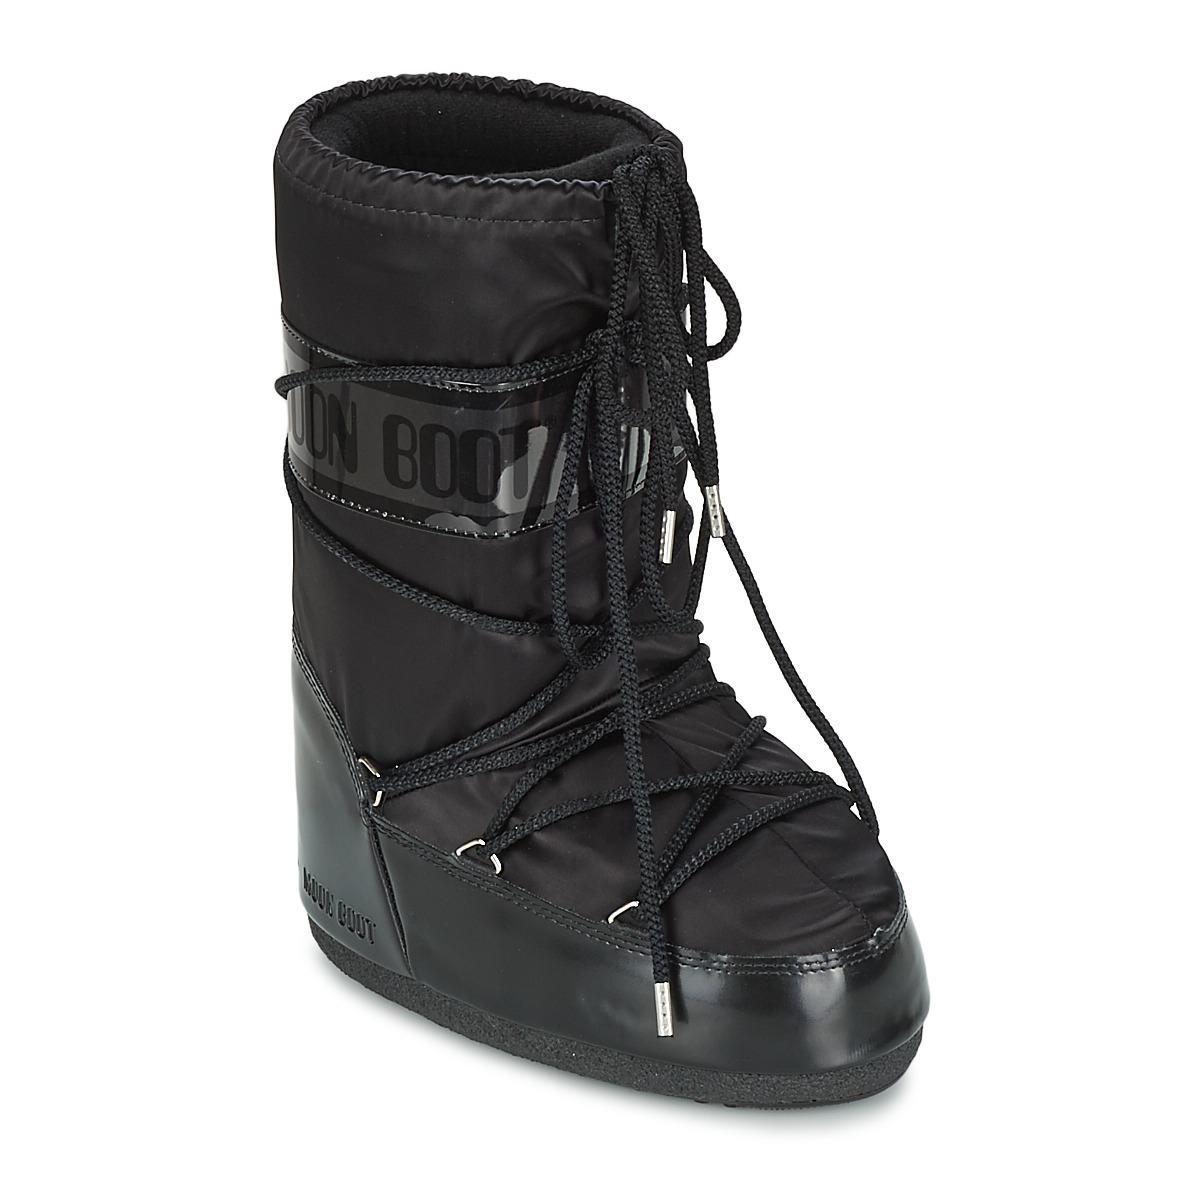 Vinterstøvler Moon Boot  MOON BOOT GLANCE